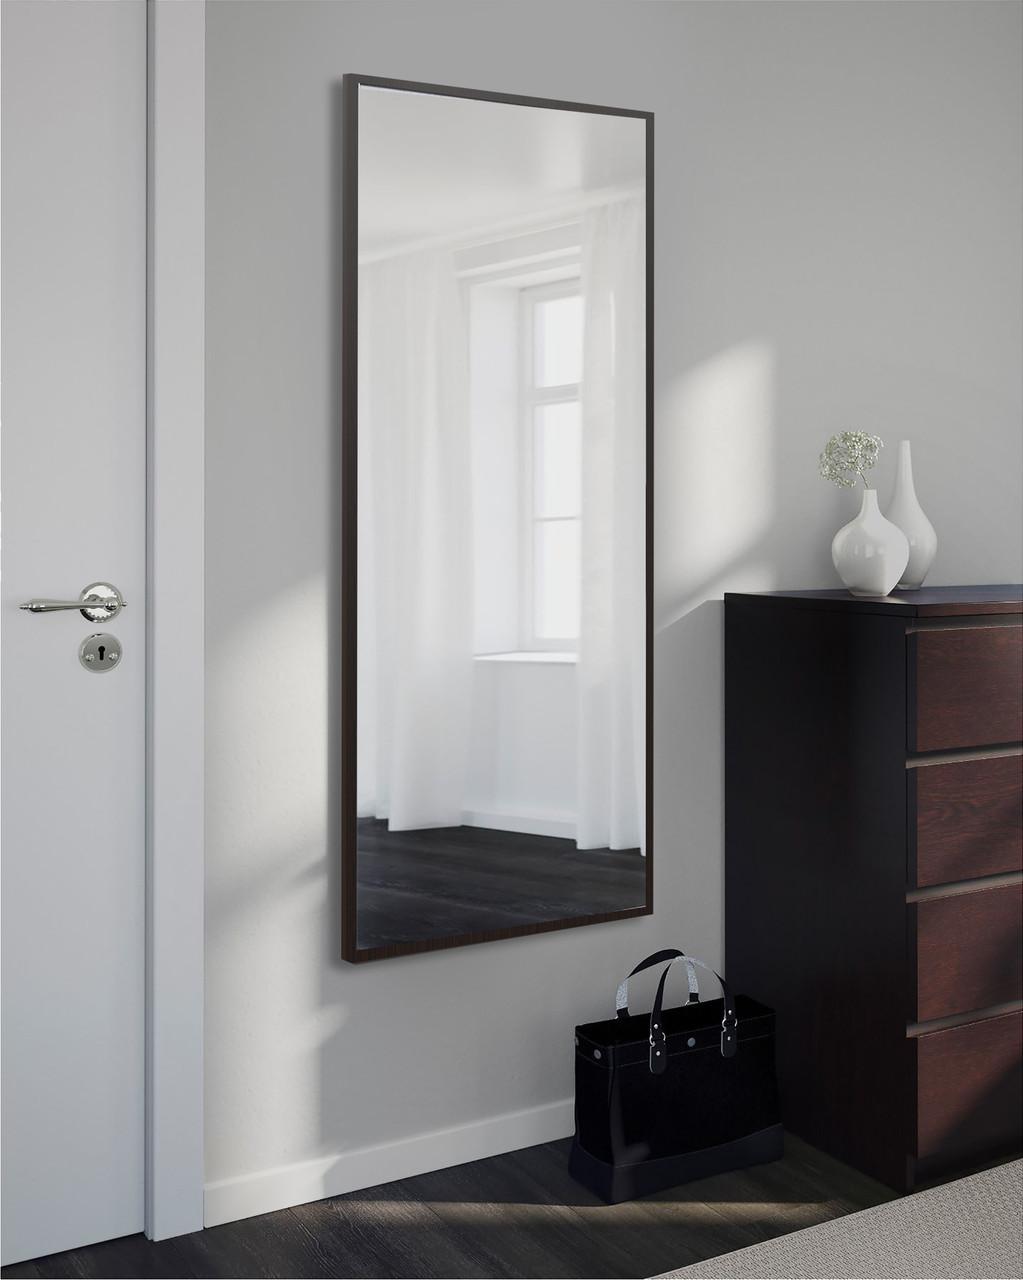 Дзеркало настінне, прямокутне, венге 1300 х 600